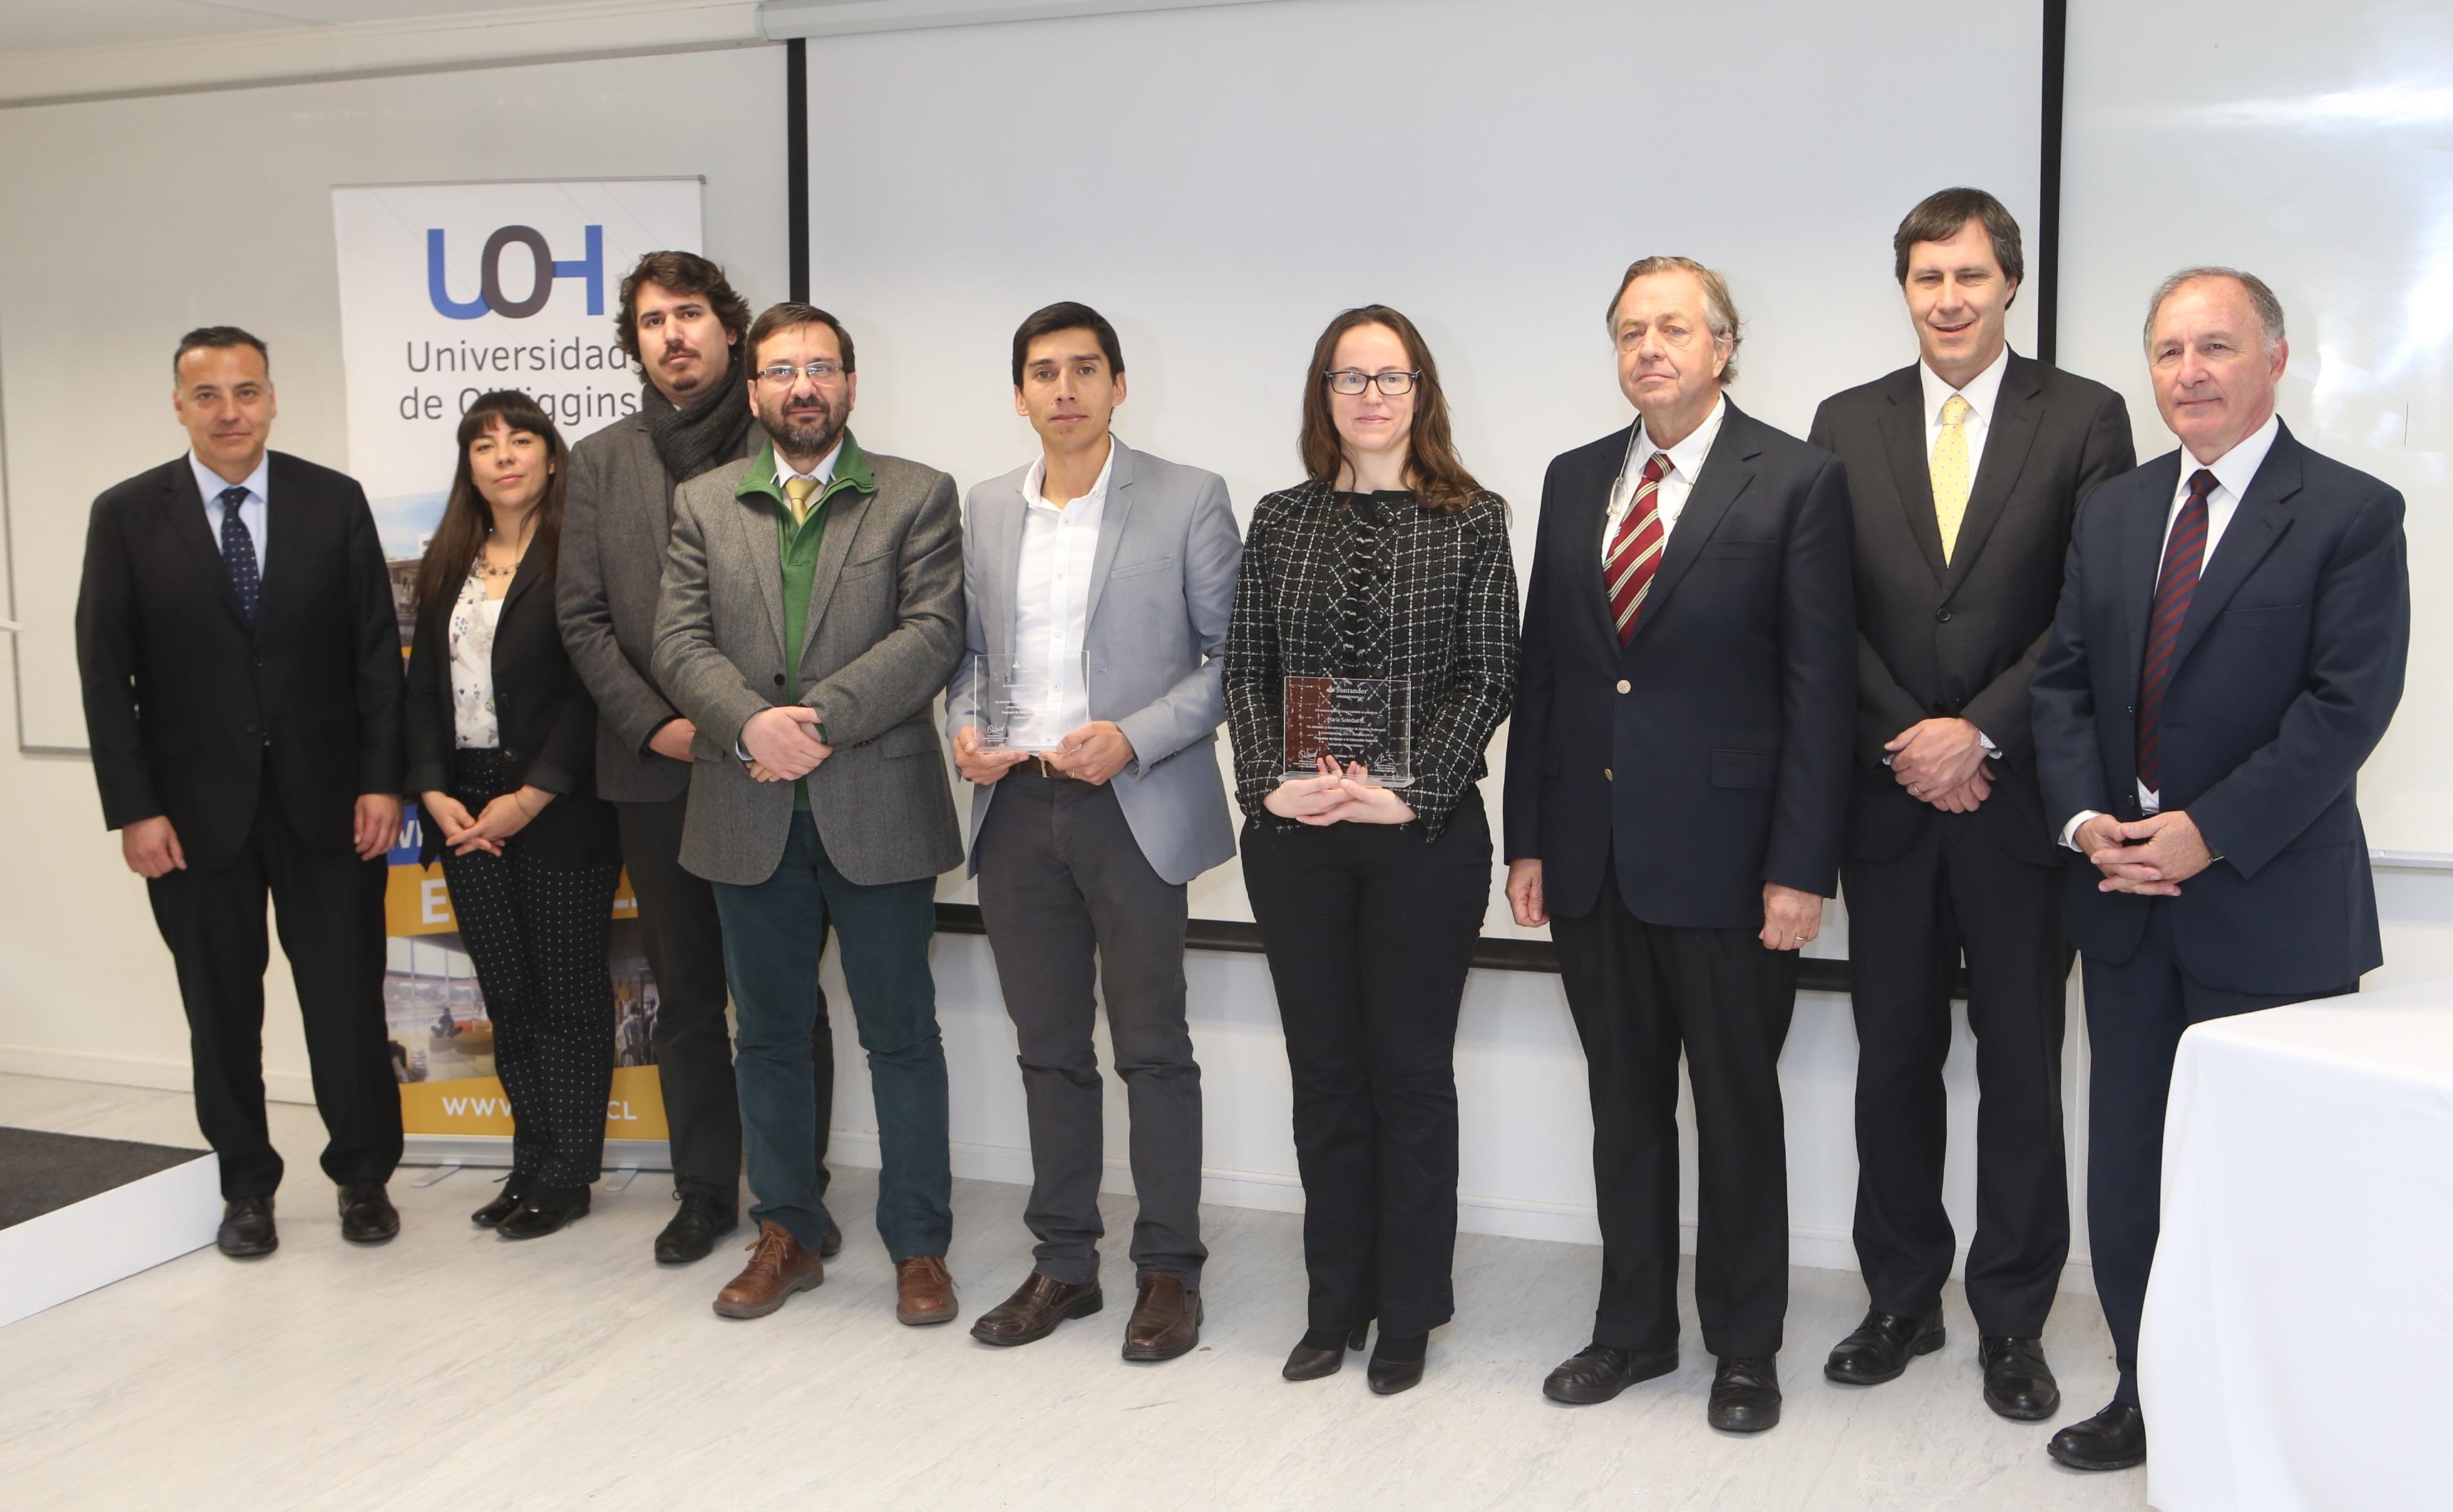 Docentes de la Universidad de O'Higgins recibieron importante beca para realizar investigaciones en el extranjero